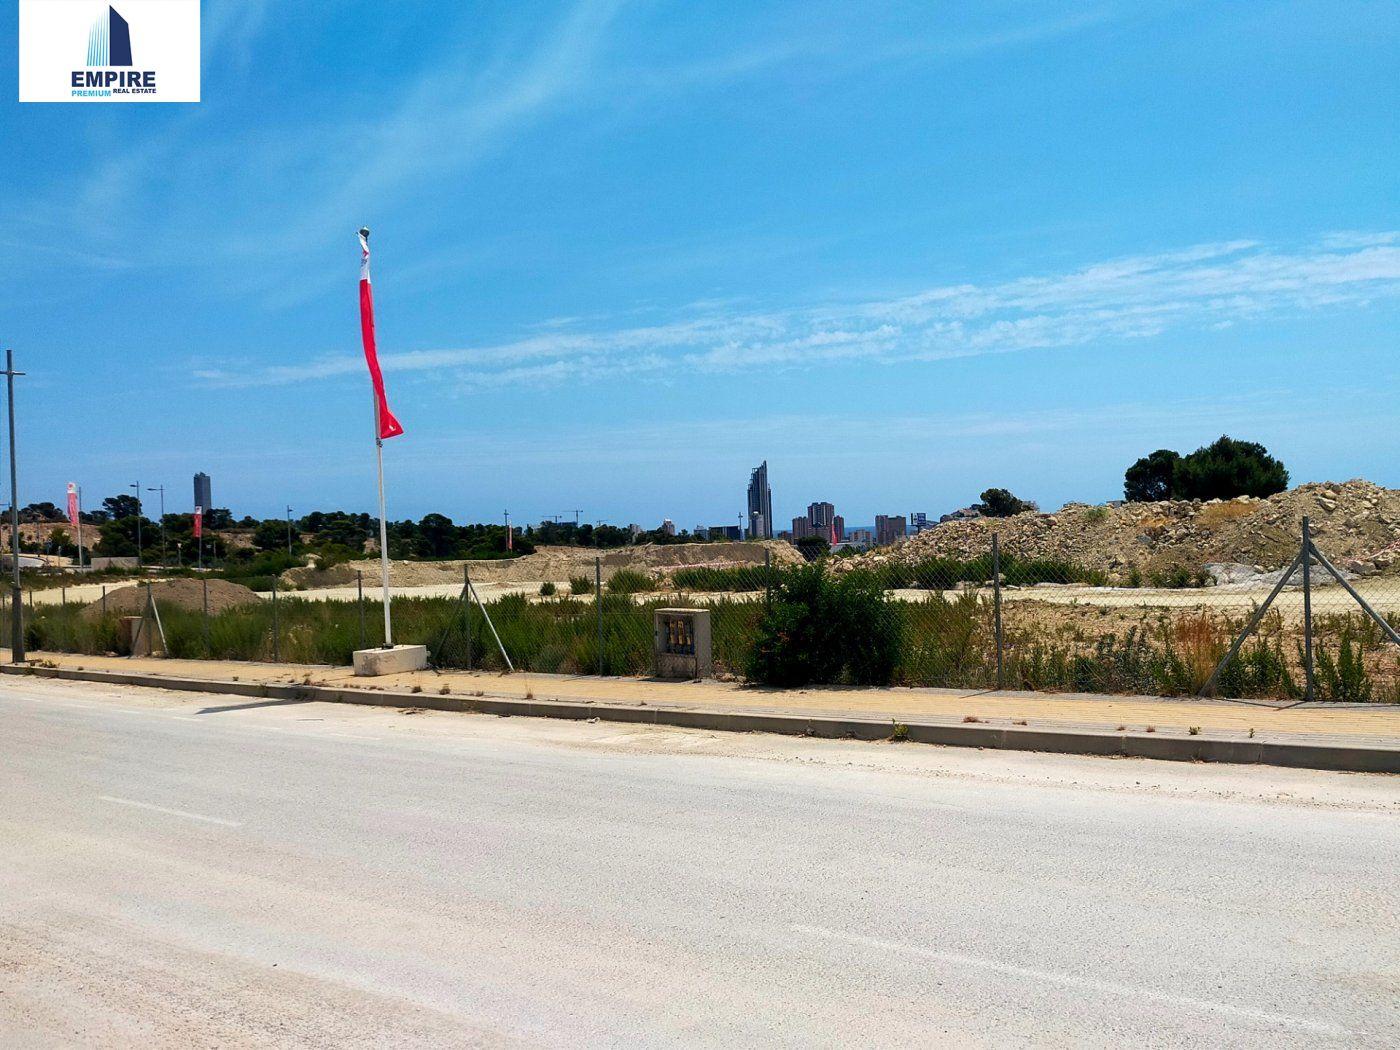 Terreno Urbano · Finestrat · La Marina 1.854.000€€